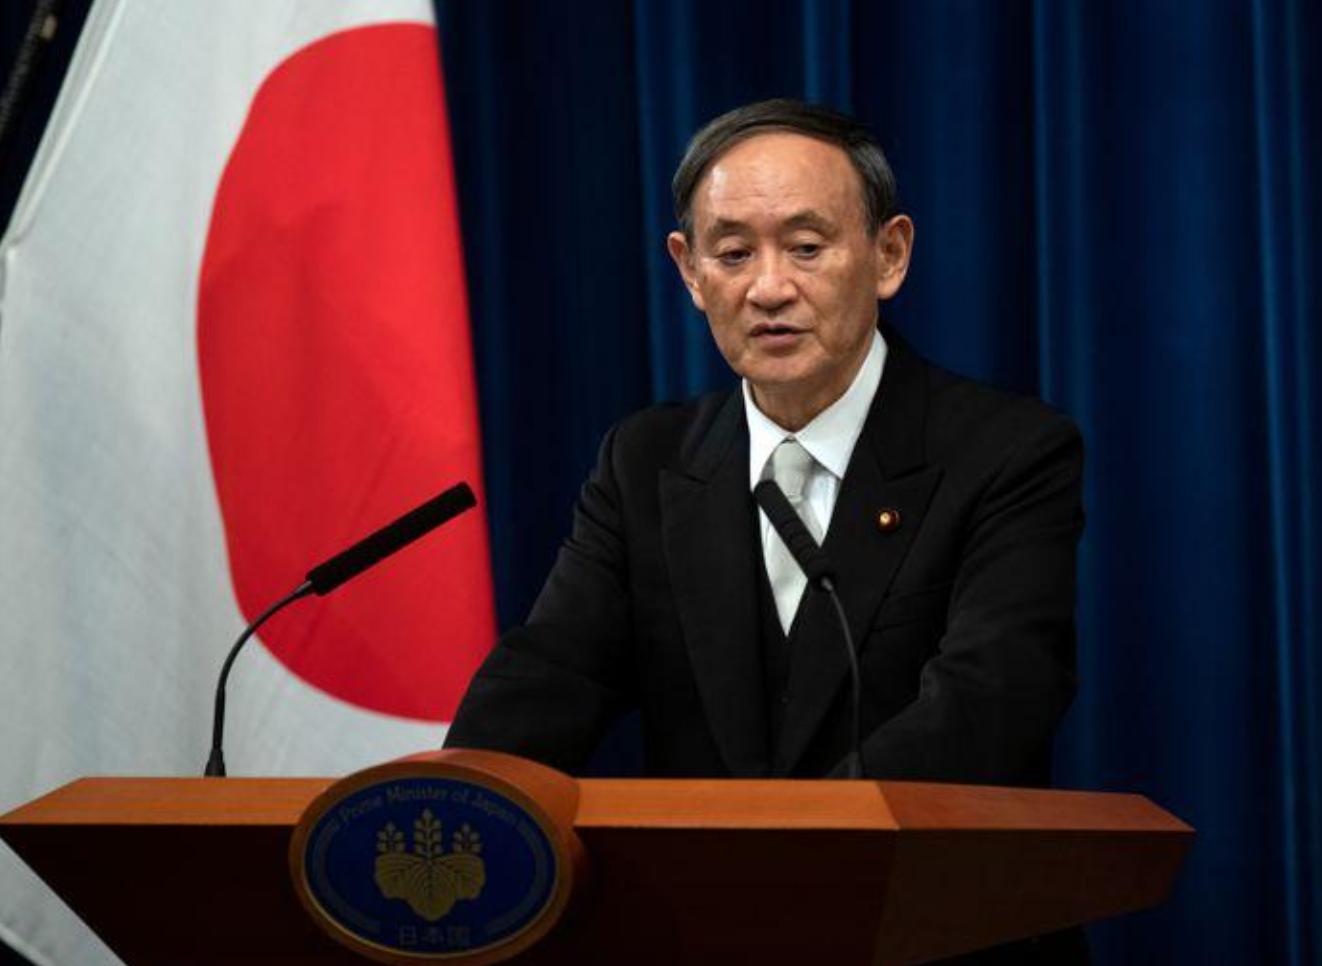 【迪士尼彩乐注册】_外媒:日本首相菅义伟向靖国神社供奉祭品